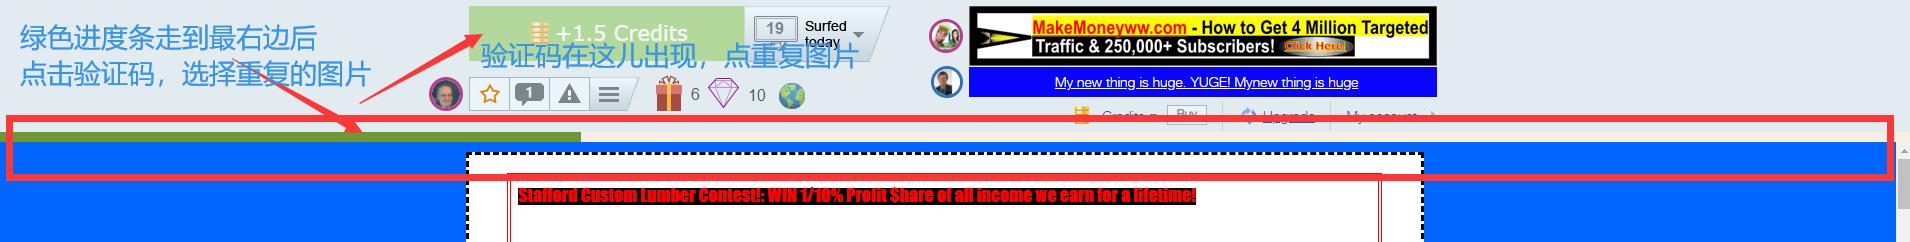 如何通过免费国外流量Easyhits4u赚钱 12